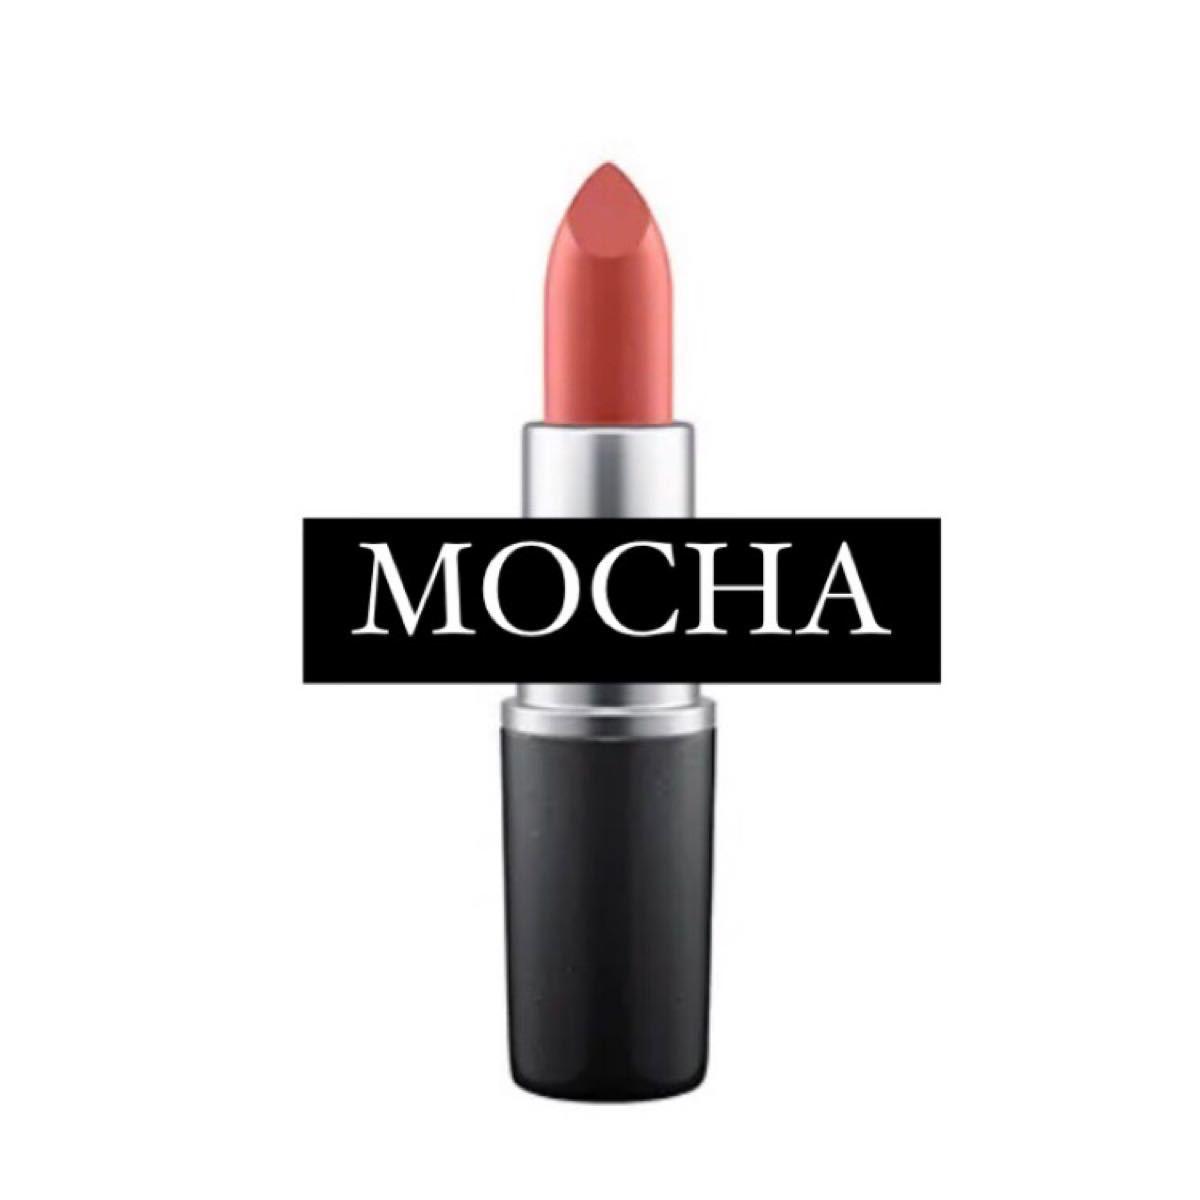 MAC/【MOCHA】 リップスティック  モカ 口紅 マック